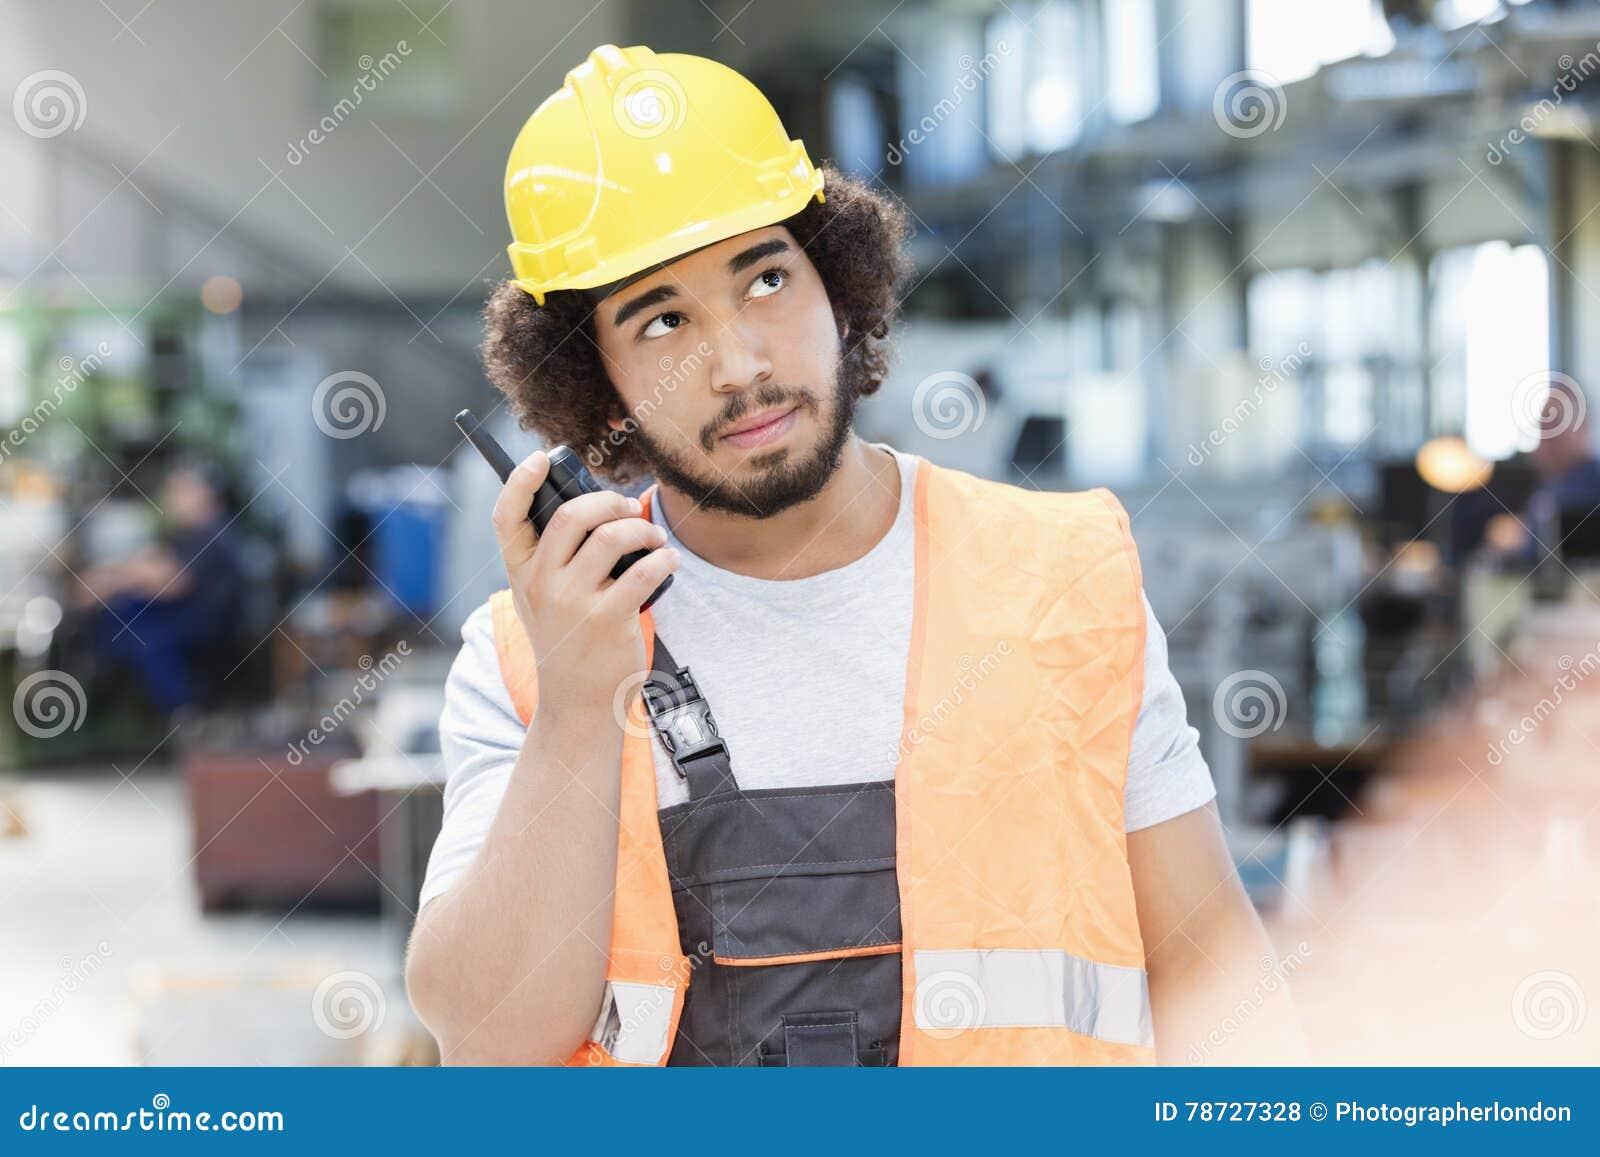 Ung manuell arbetare som lyssnar till walkie-talkie, medan se upp i metallbransch